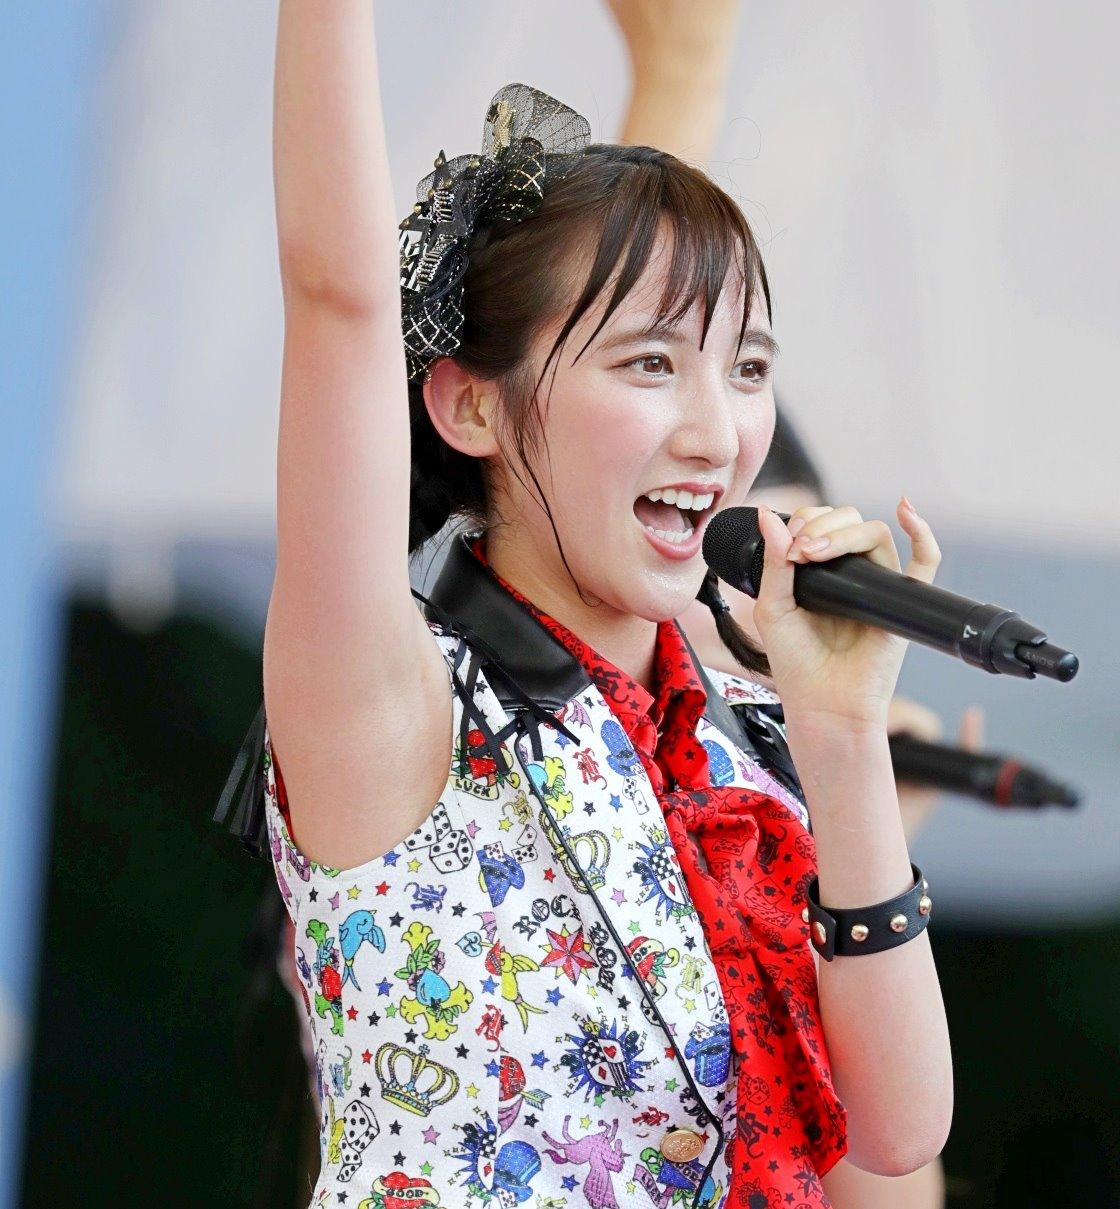 AKB48フレッシュ選抜メンバーの腋見せライブ (14)